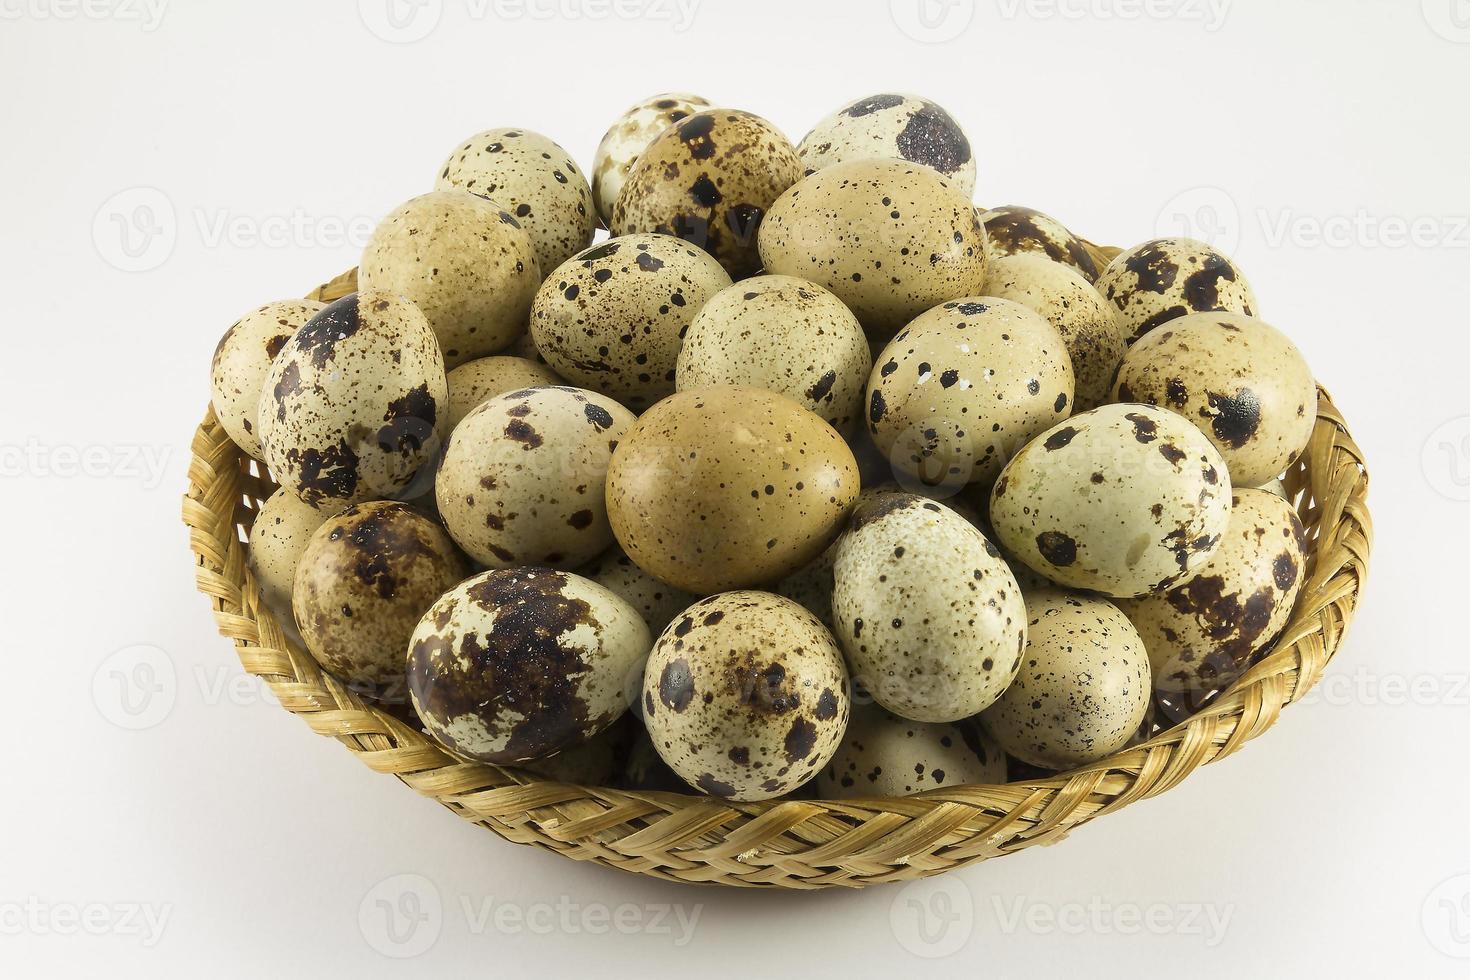 ovos de codorna em forma oval de vime foto